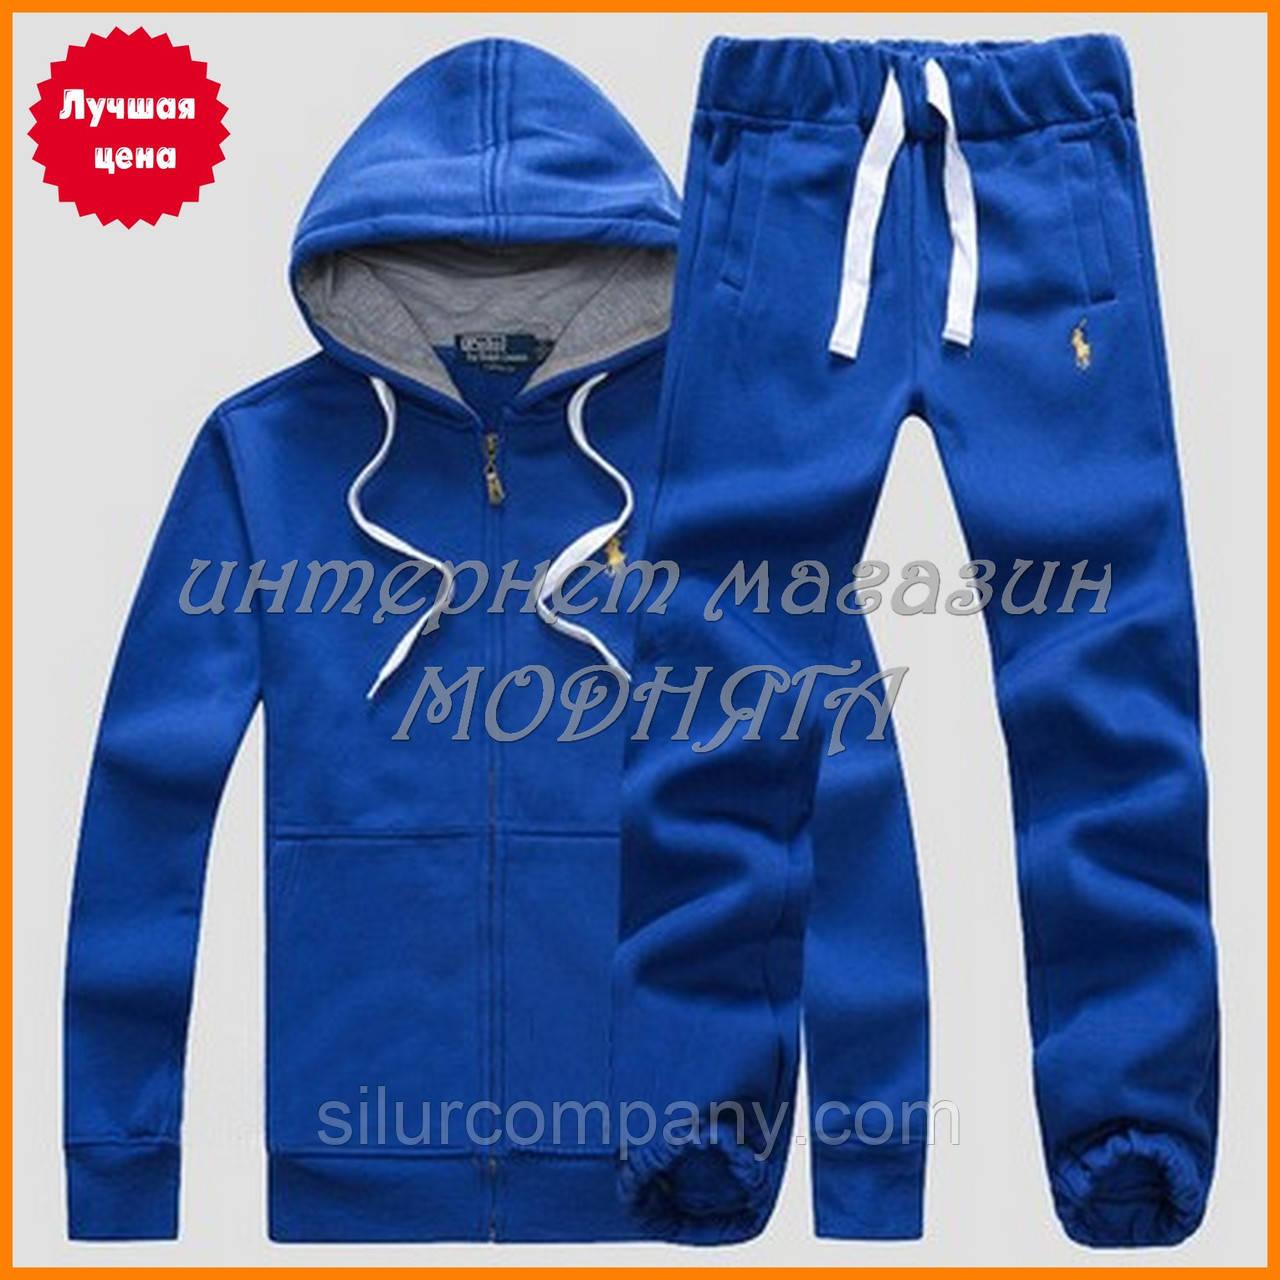 ad771133a0d7 Спортивные костюмы подростковые  интернет-магазин  продажа, цена в ...